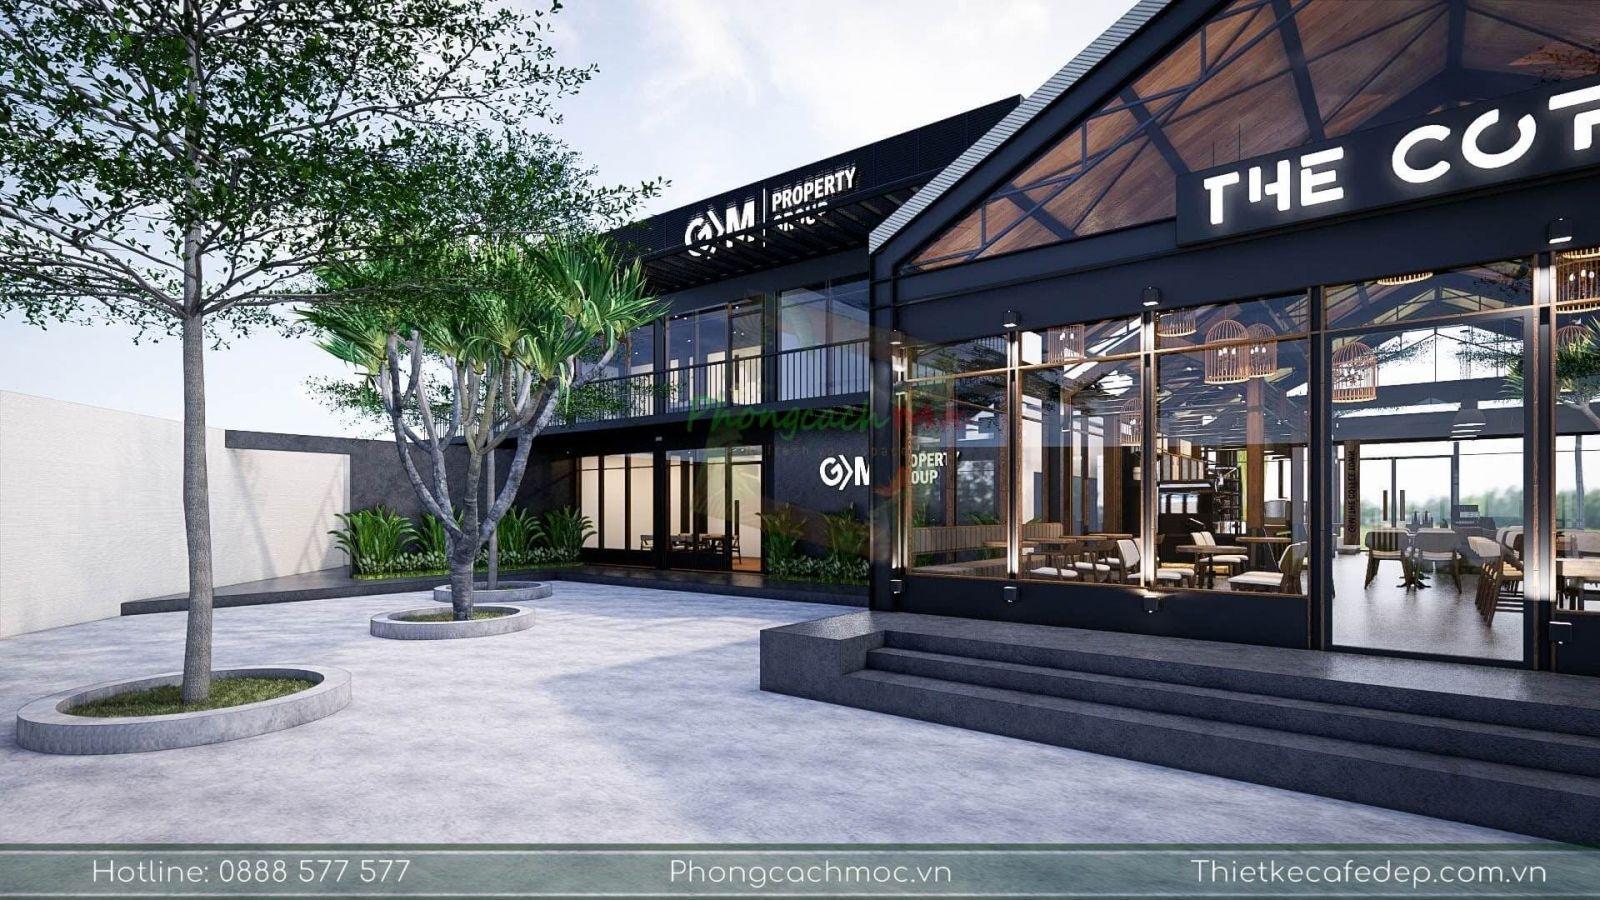 không gian ngoài trời quán cafe diện tích 970m2 tại quận 7 pcm thiết kế thi công trọn gói